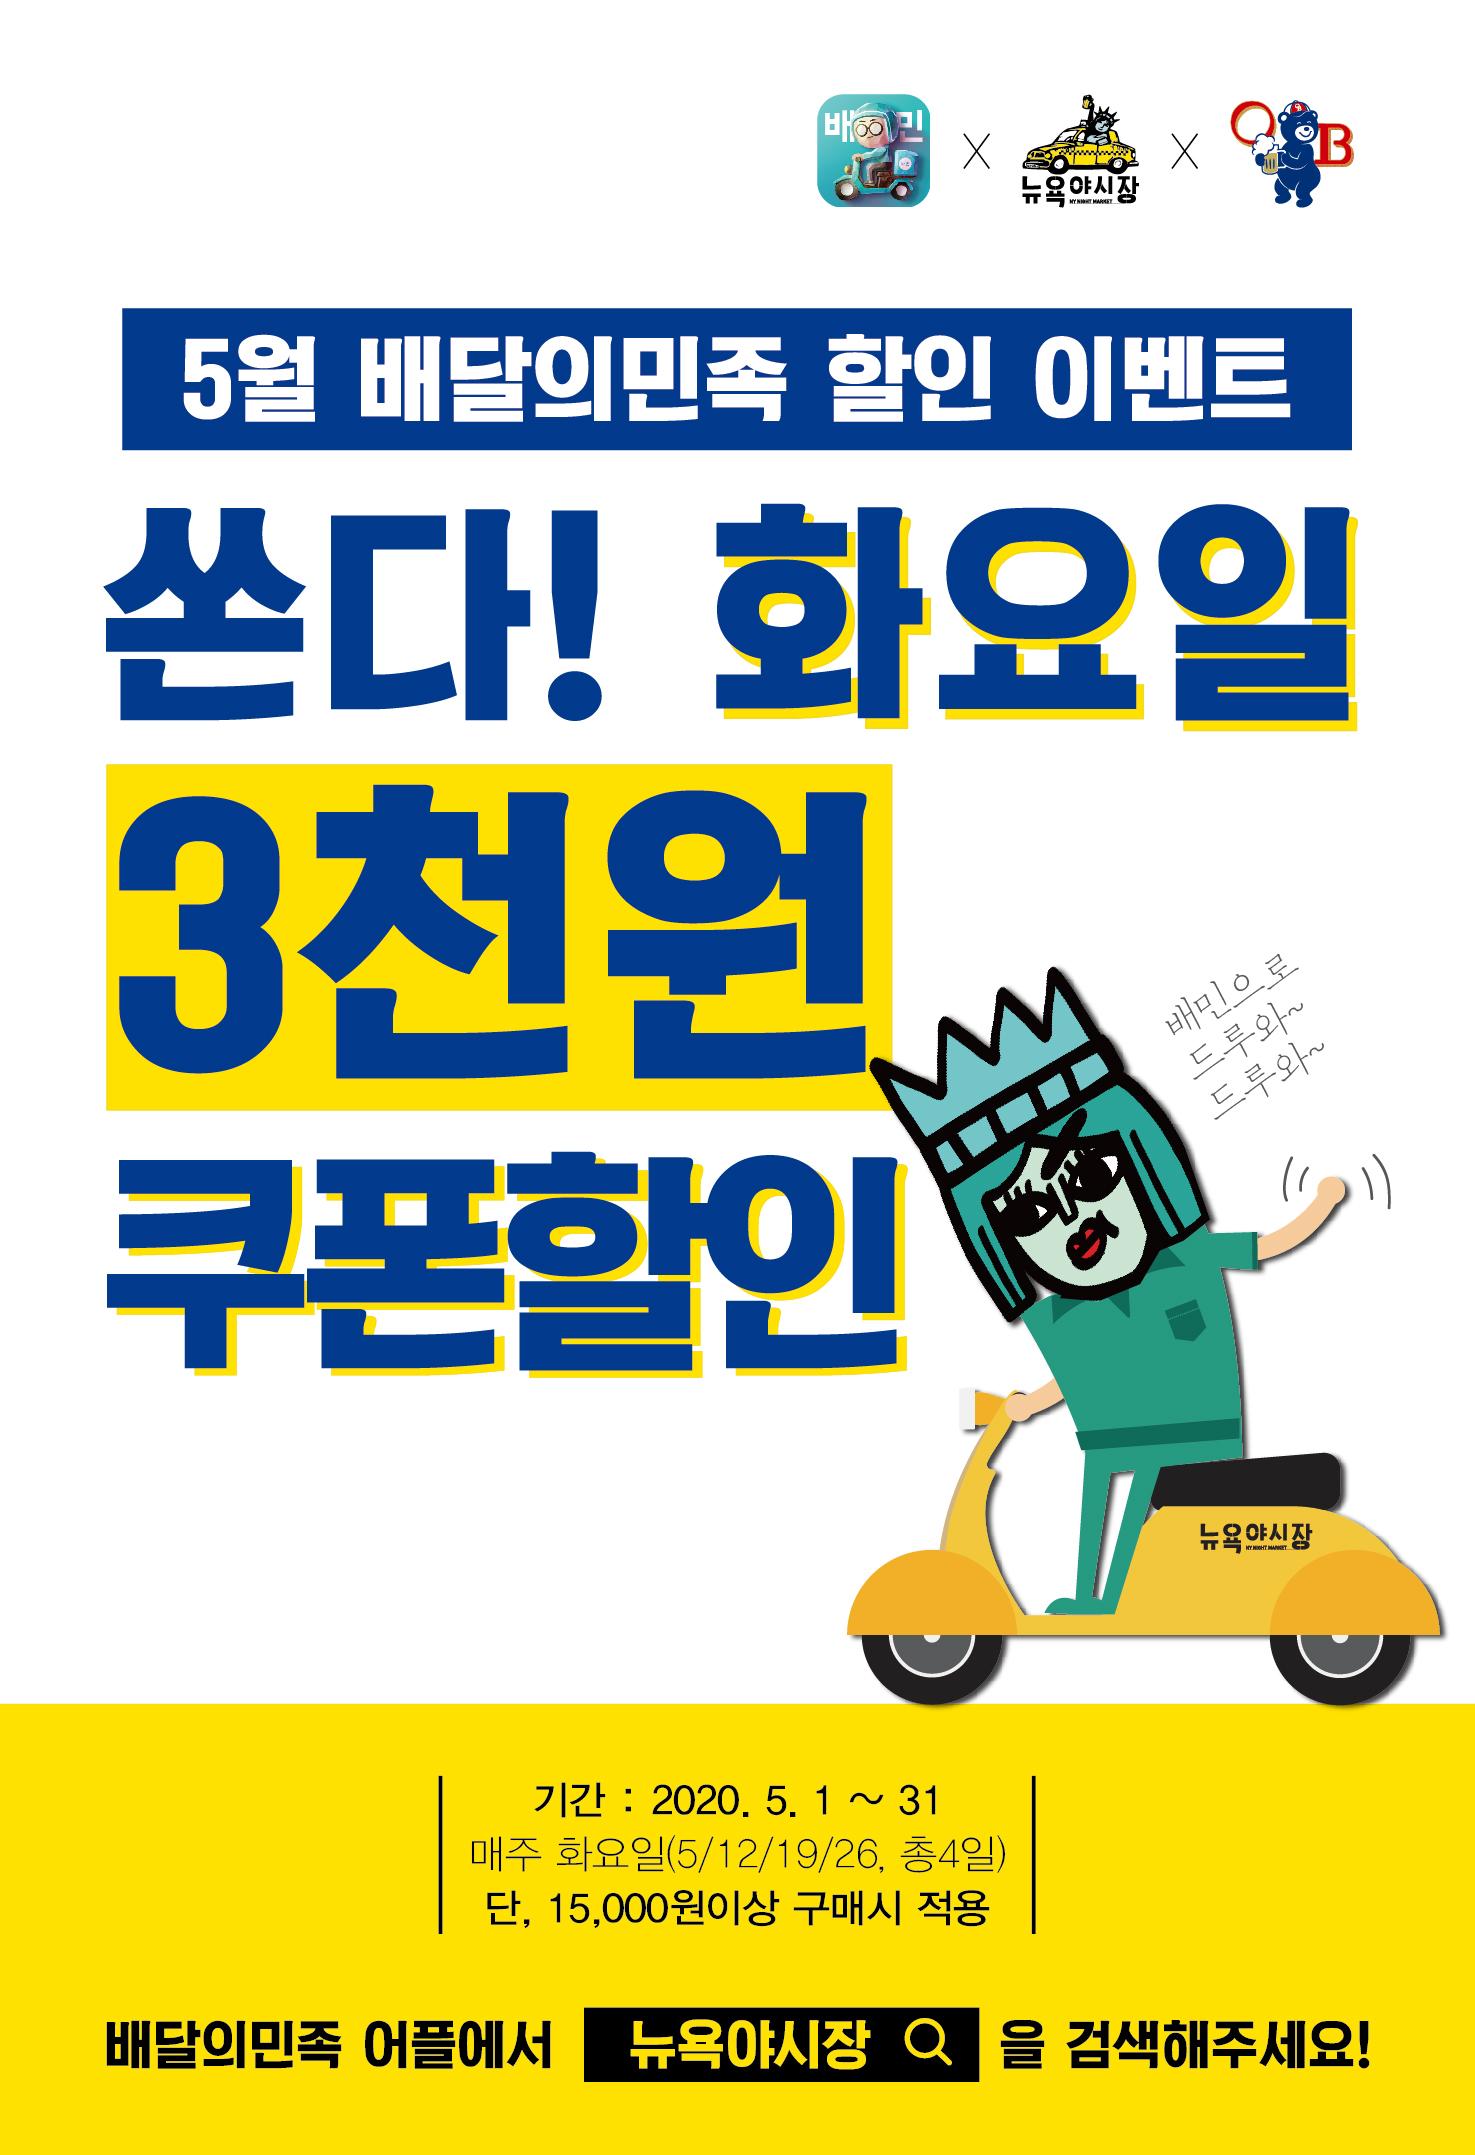 뉴욕야시장 5월 배민_홈피팝업.jpg